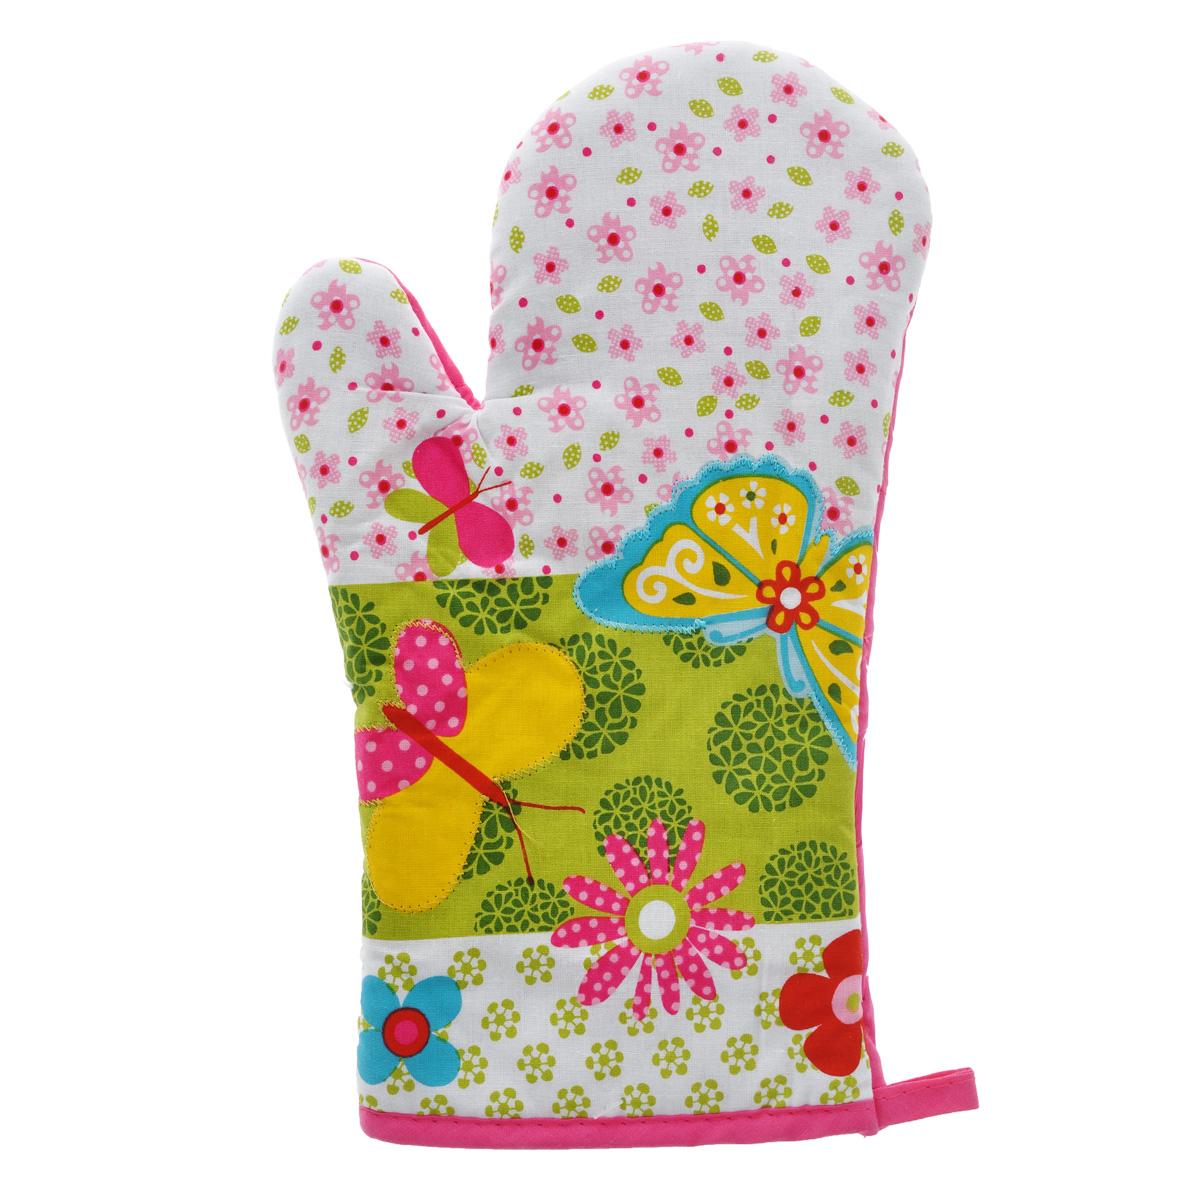 Рукавица-прихватка LaSella, цвет: белый, розовый, зеленый, 30 см. MT002009VT-1520(SR)Рукавица-прихватка LaSella изготовлена из хлопка. Эта рукавица с ярким дизайном защитит ваши руки от высоких температур и предотвратит появление ожогов. Изделие оснащено петелькой для подвешивания на крючок. Такая рукавица - отличный вариант для практичной и современной хозяйки.